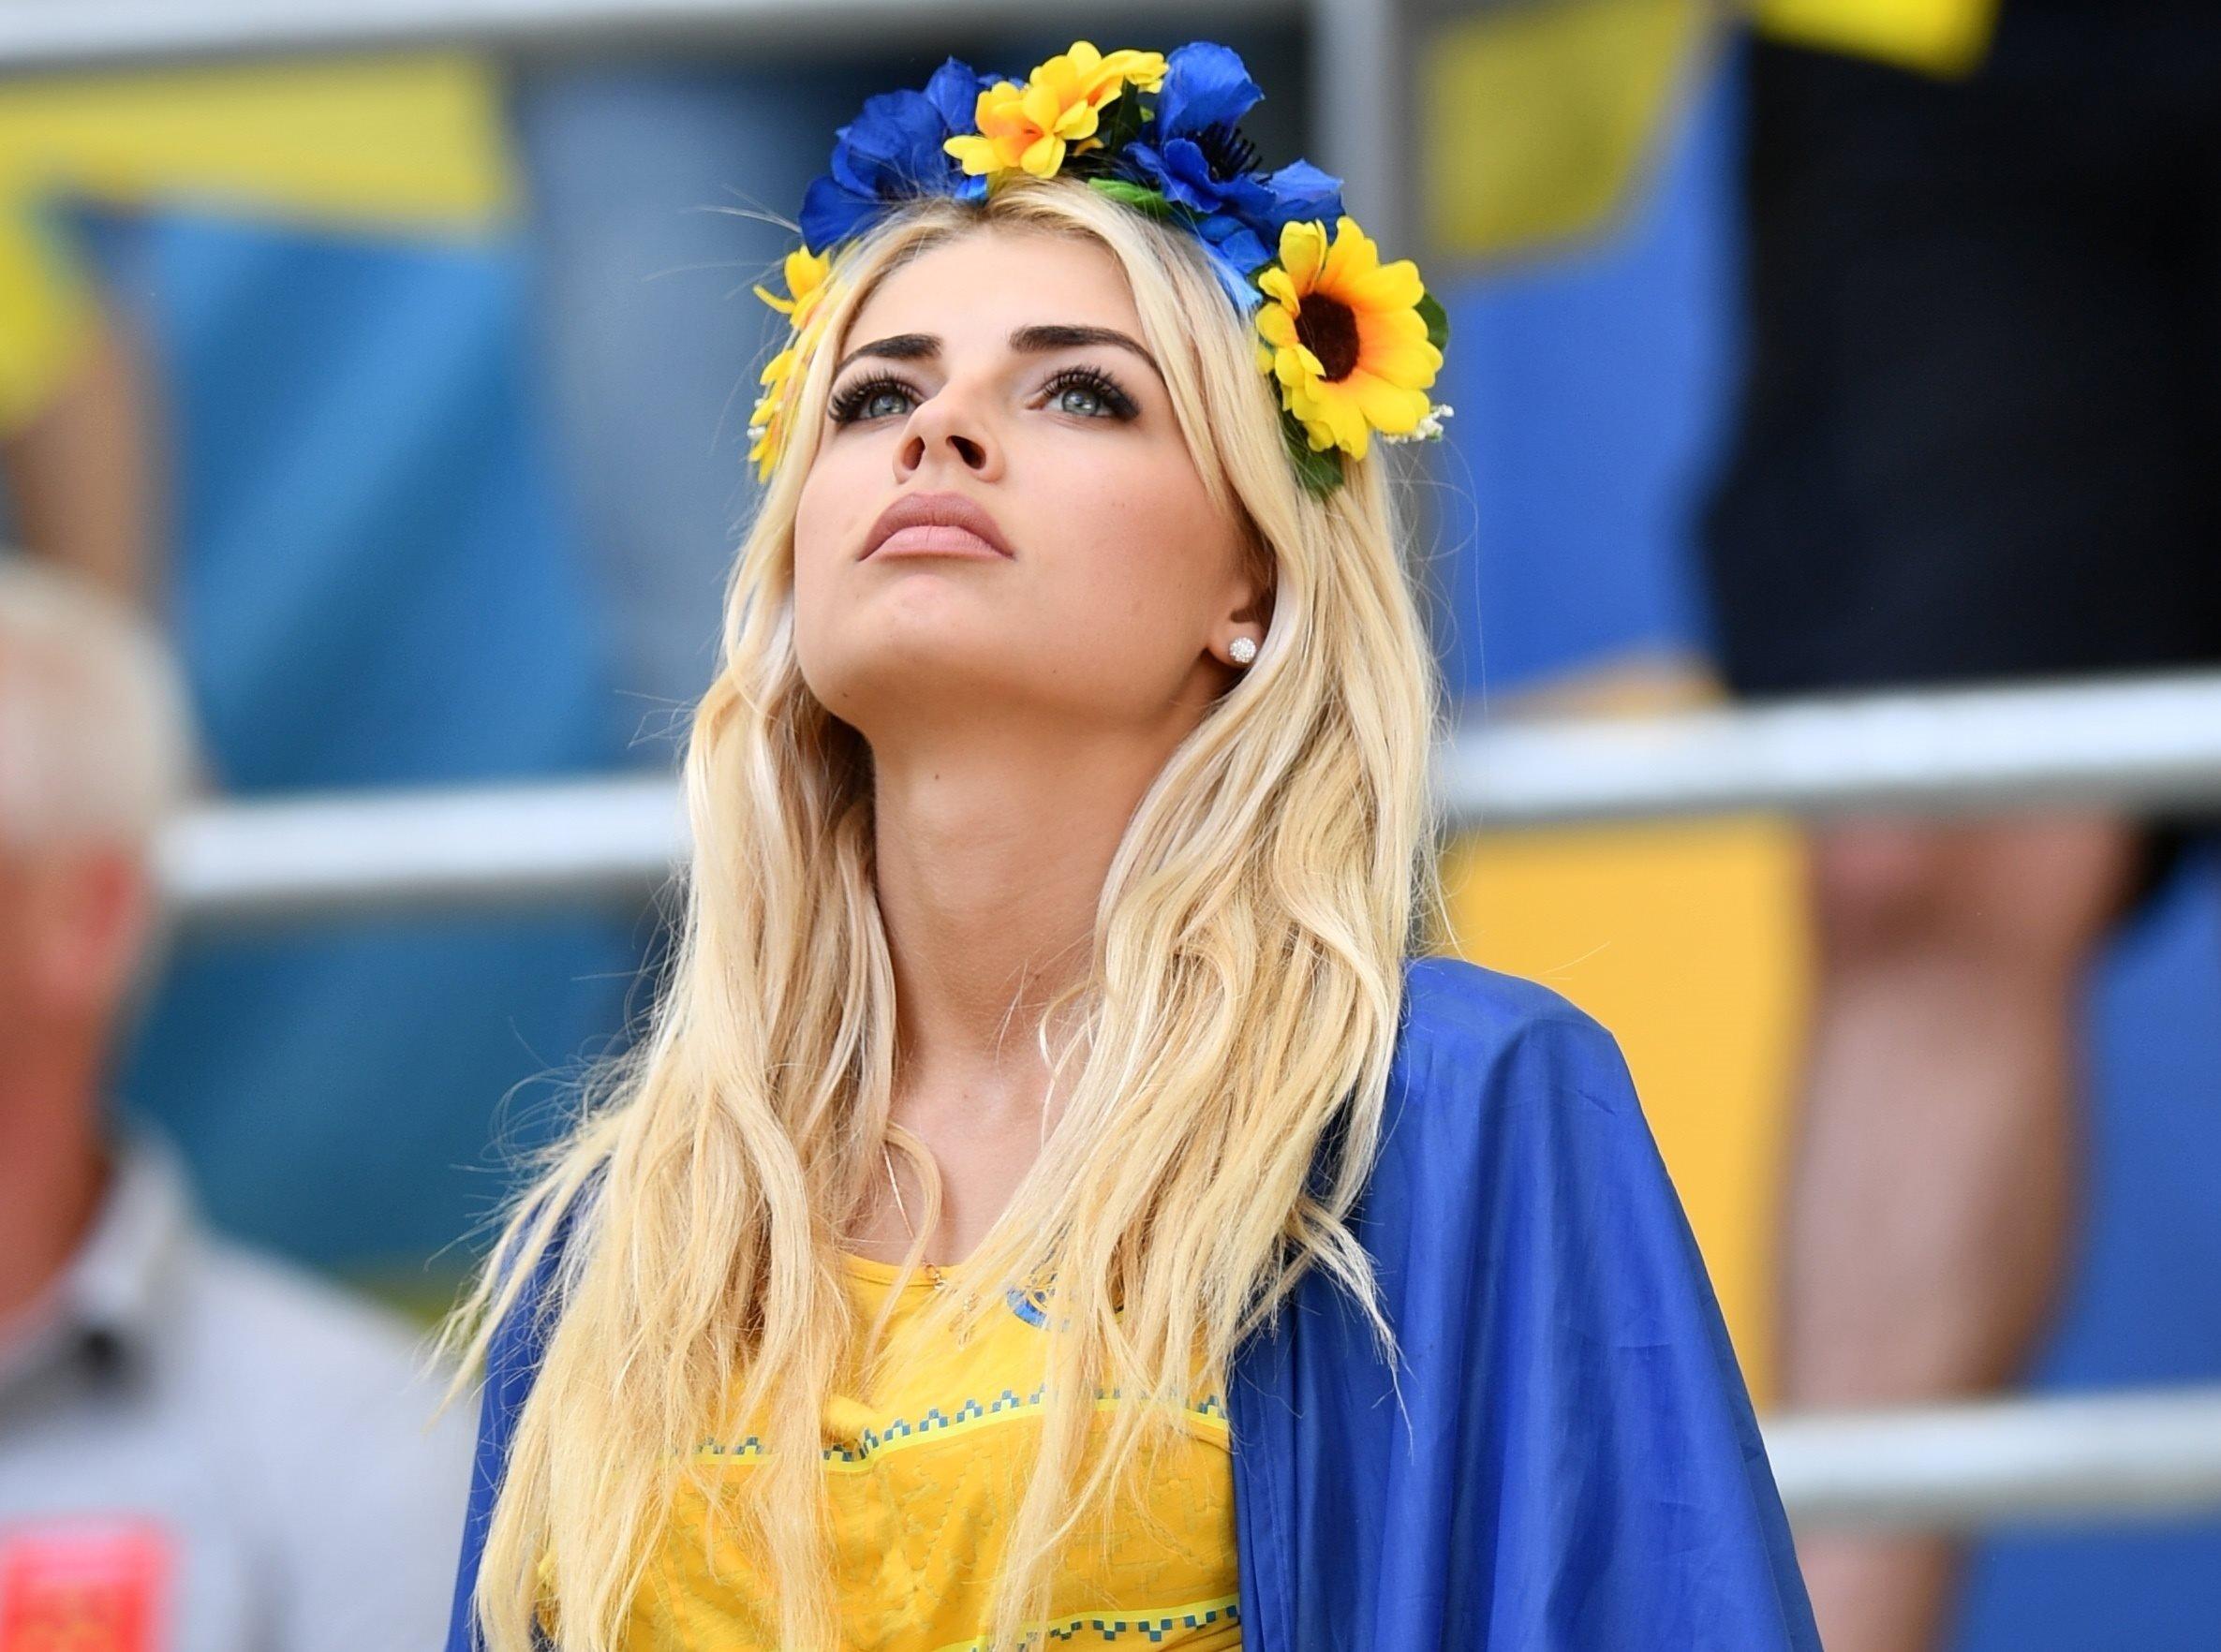 украинки фото приколы это